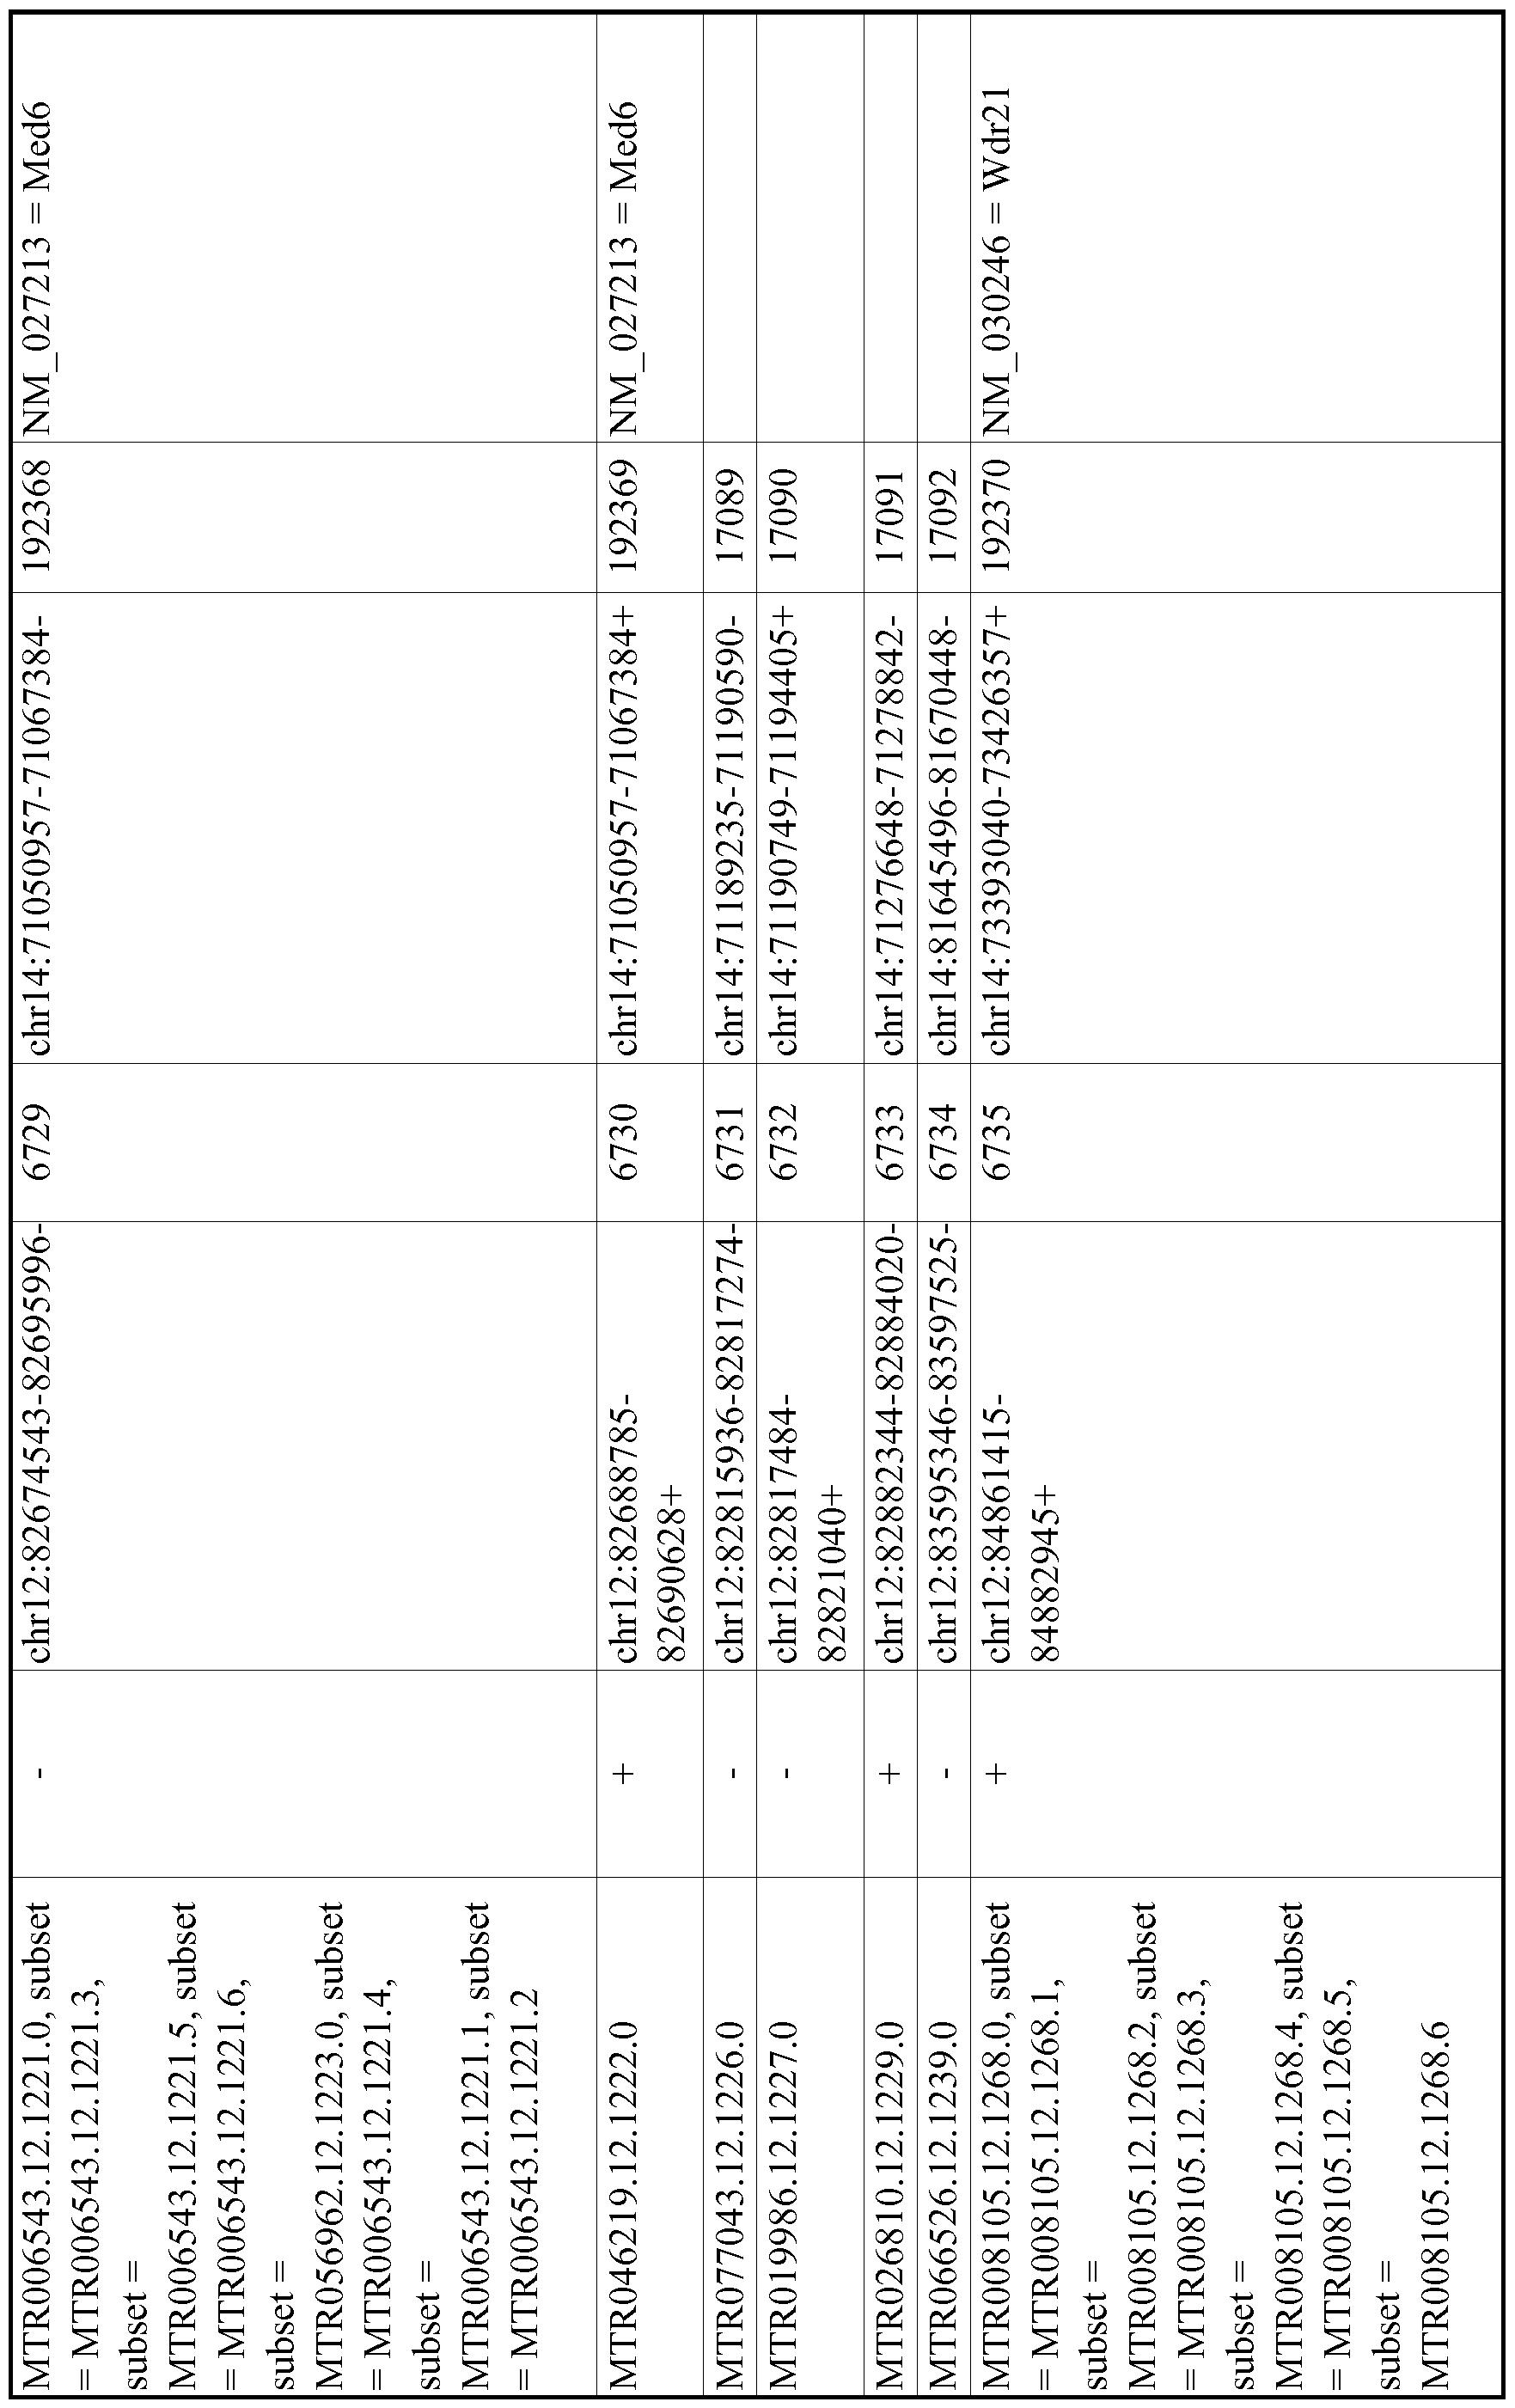 Figure imgf001199_0001